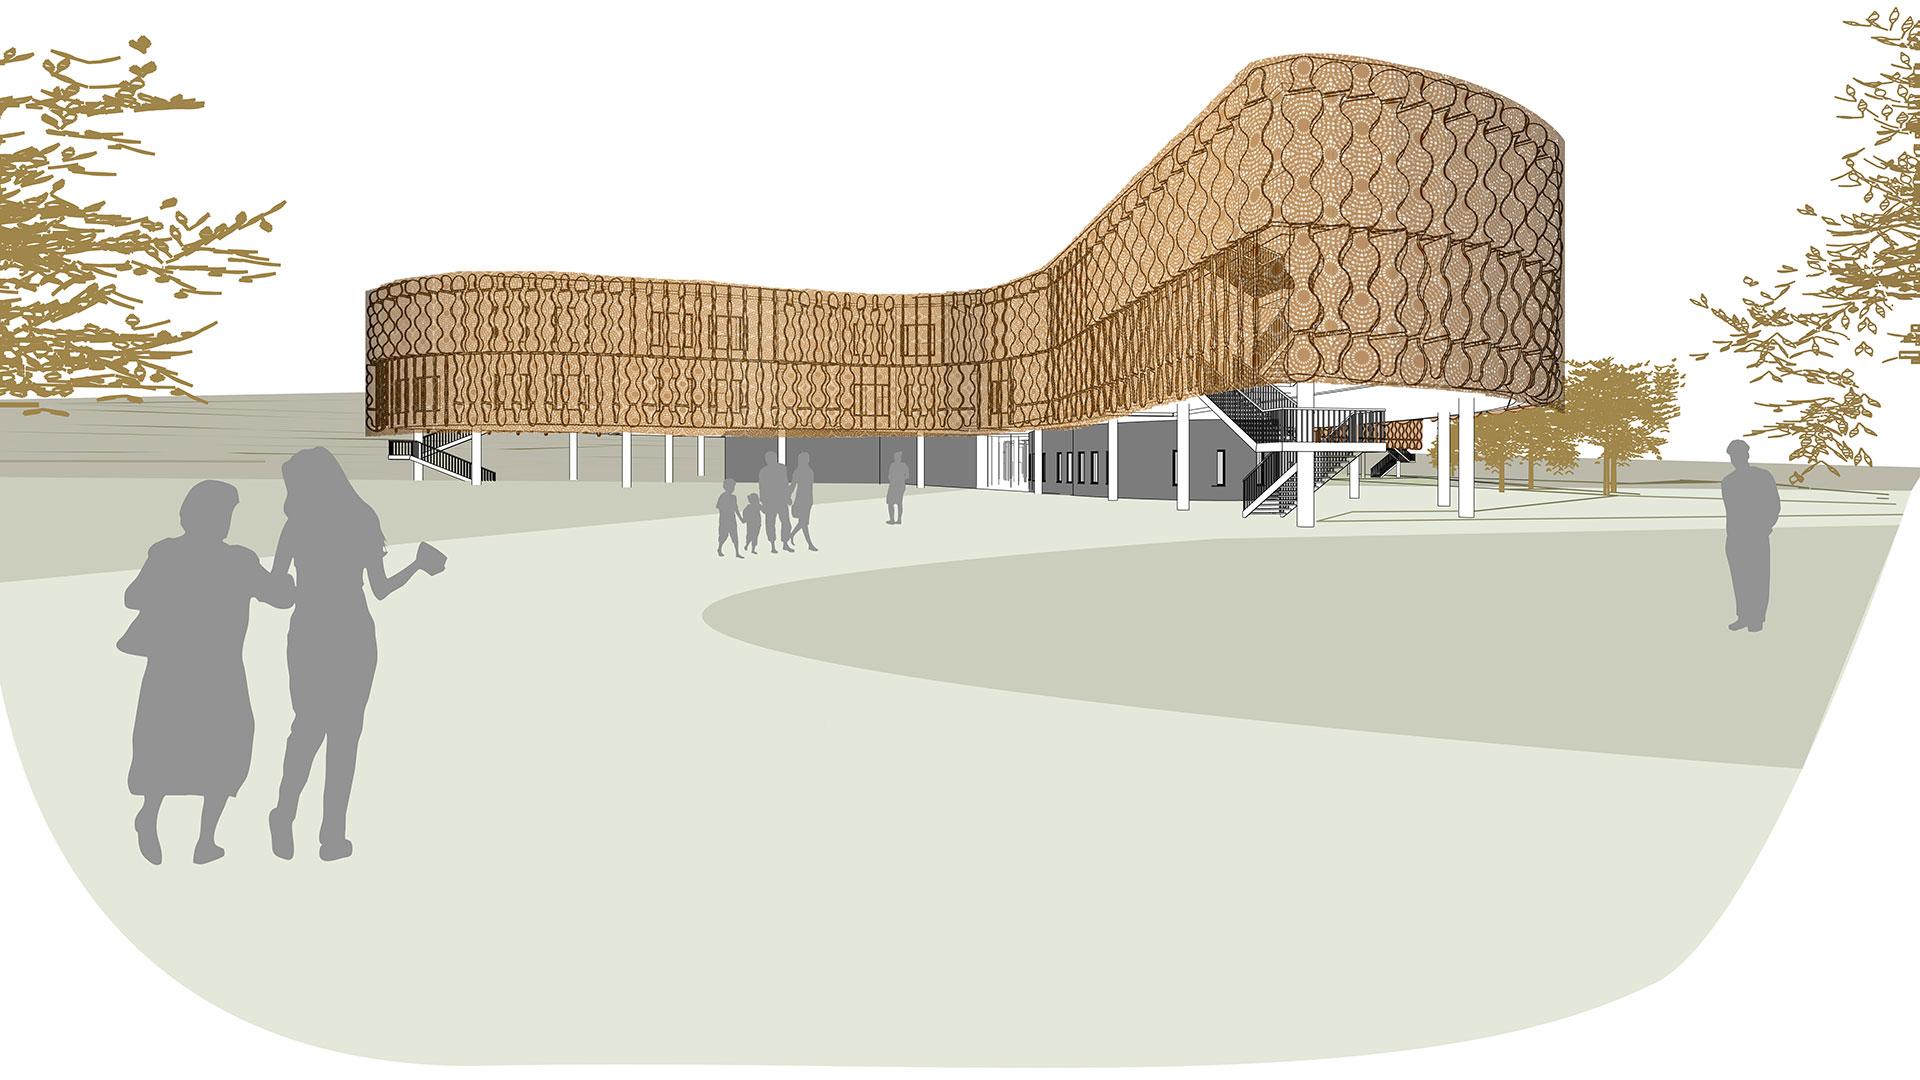 Neubau Landespflegezentrum Mürzzuschlag